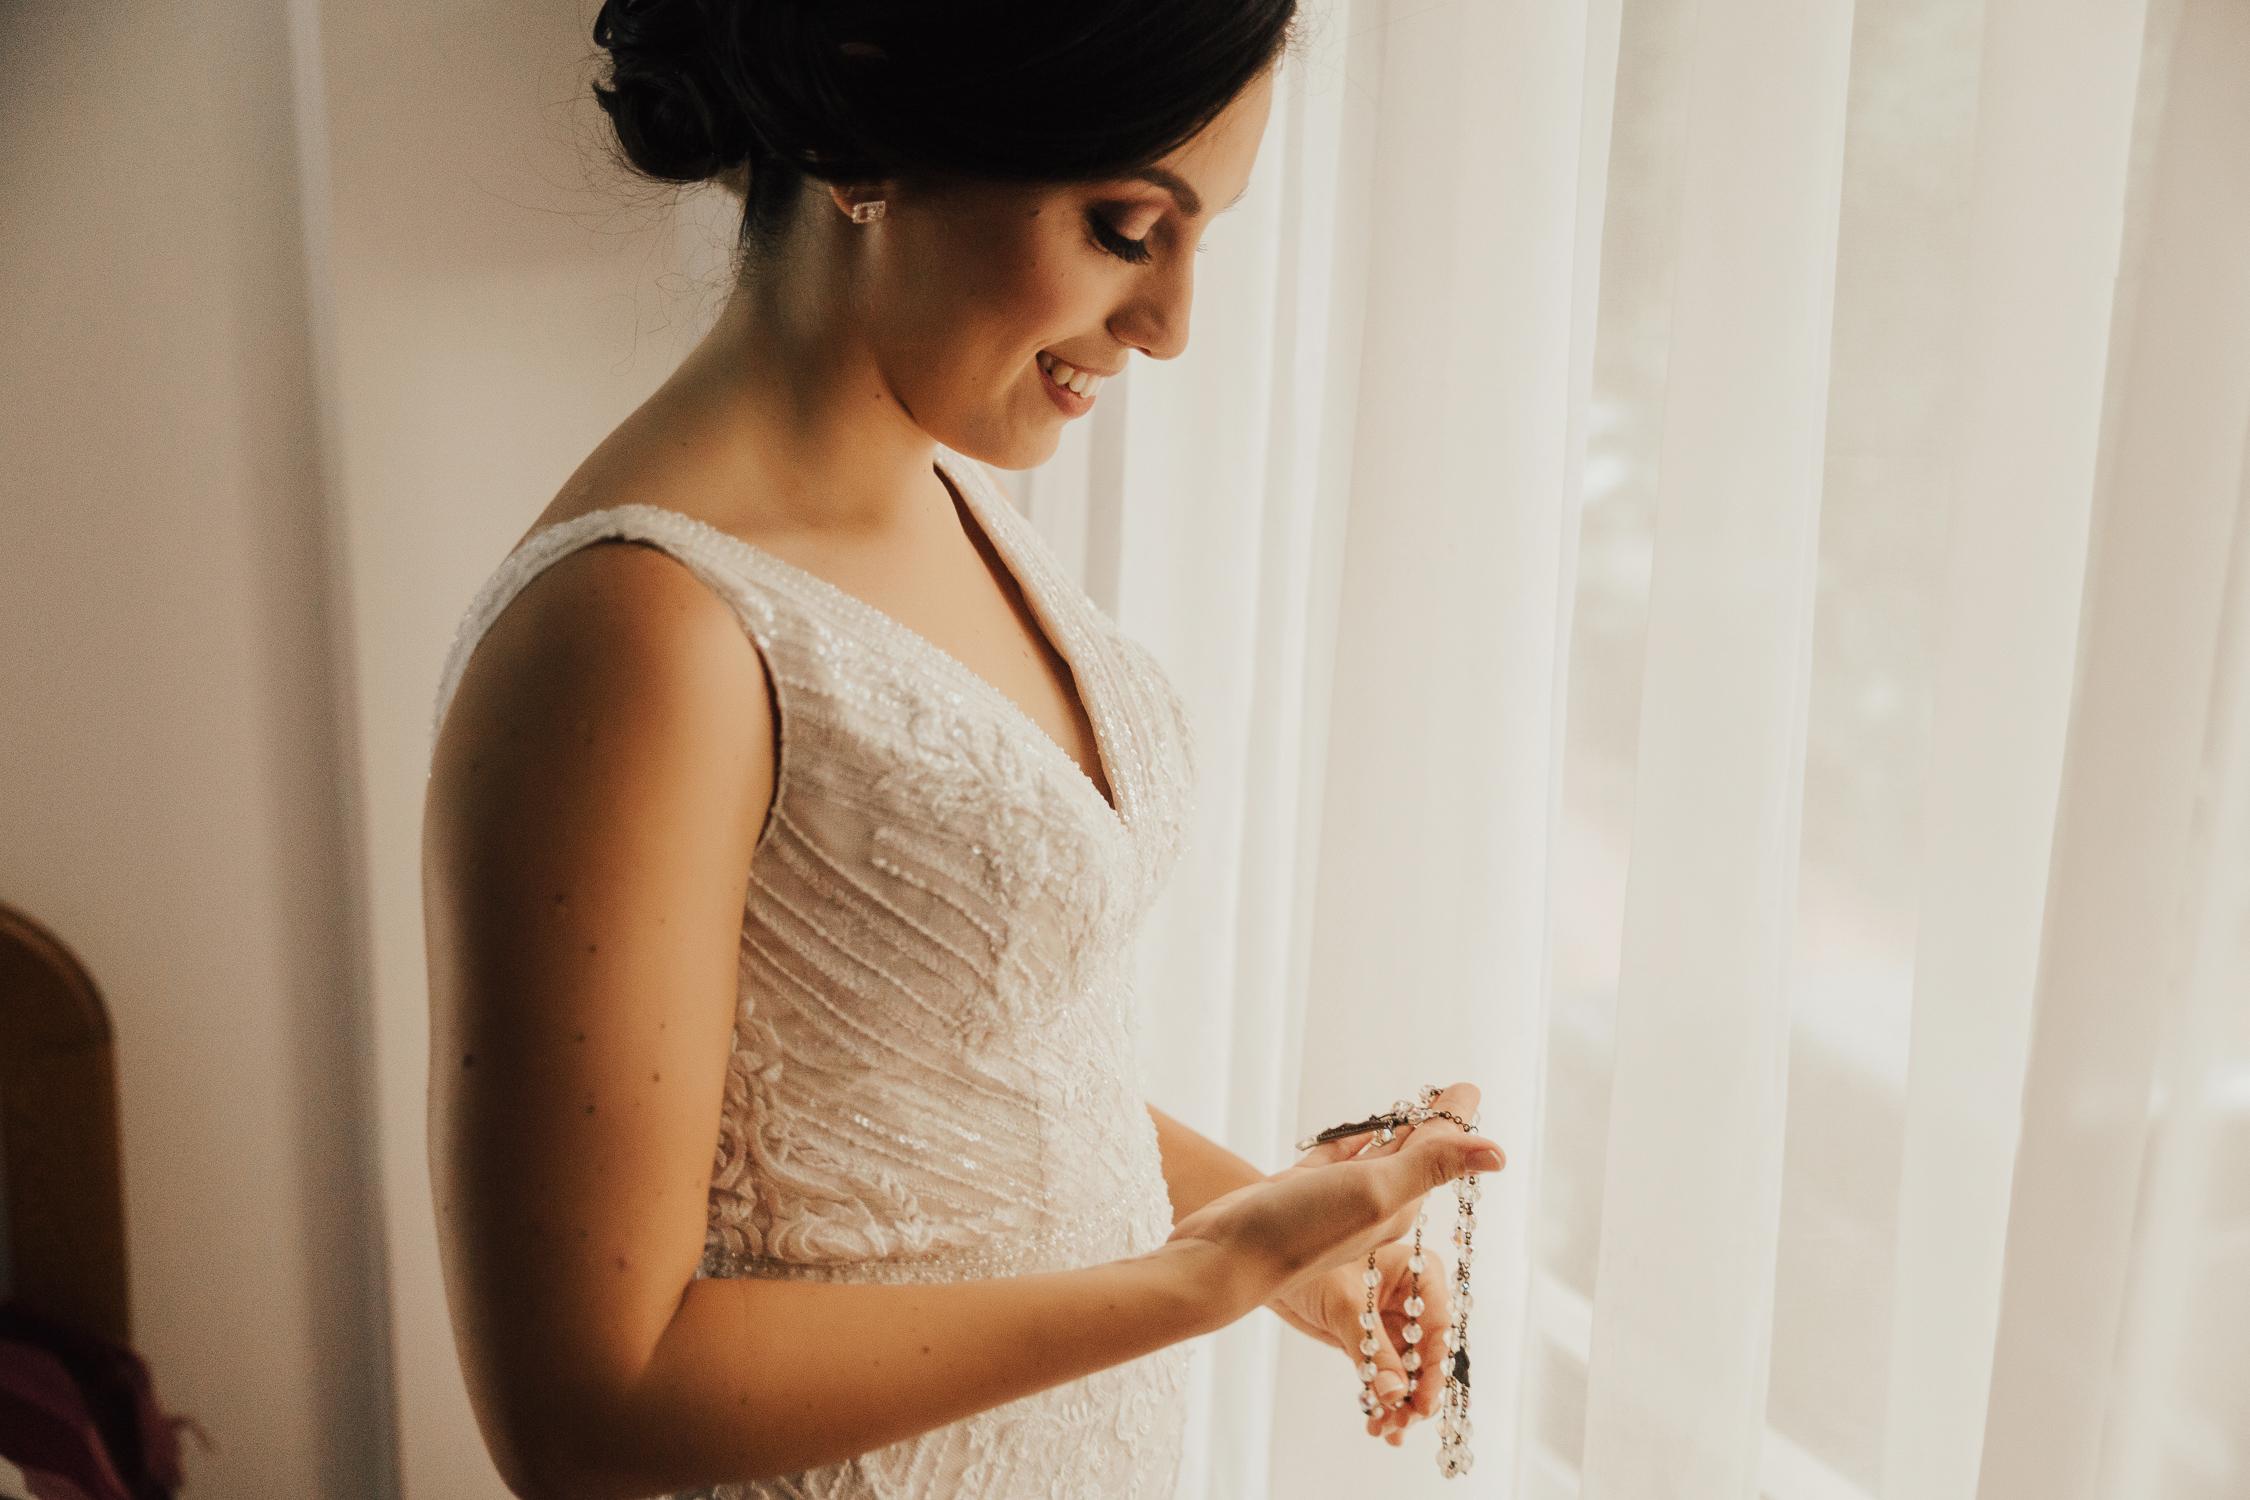 Michelle-Agurto-Fotografia-Bodas-Ecuador-Destination-Wedding-Photographer-Ecuador-Mercedes-Alvaro-18.JPG